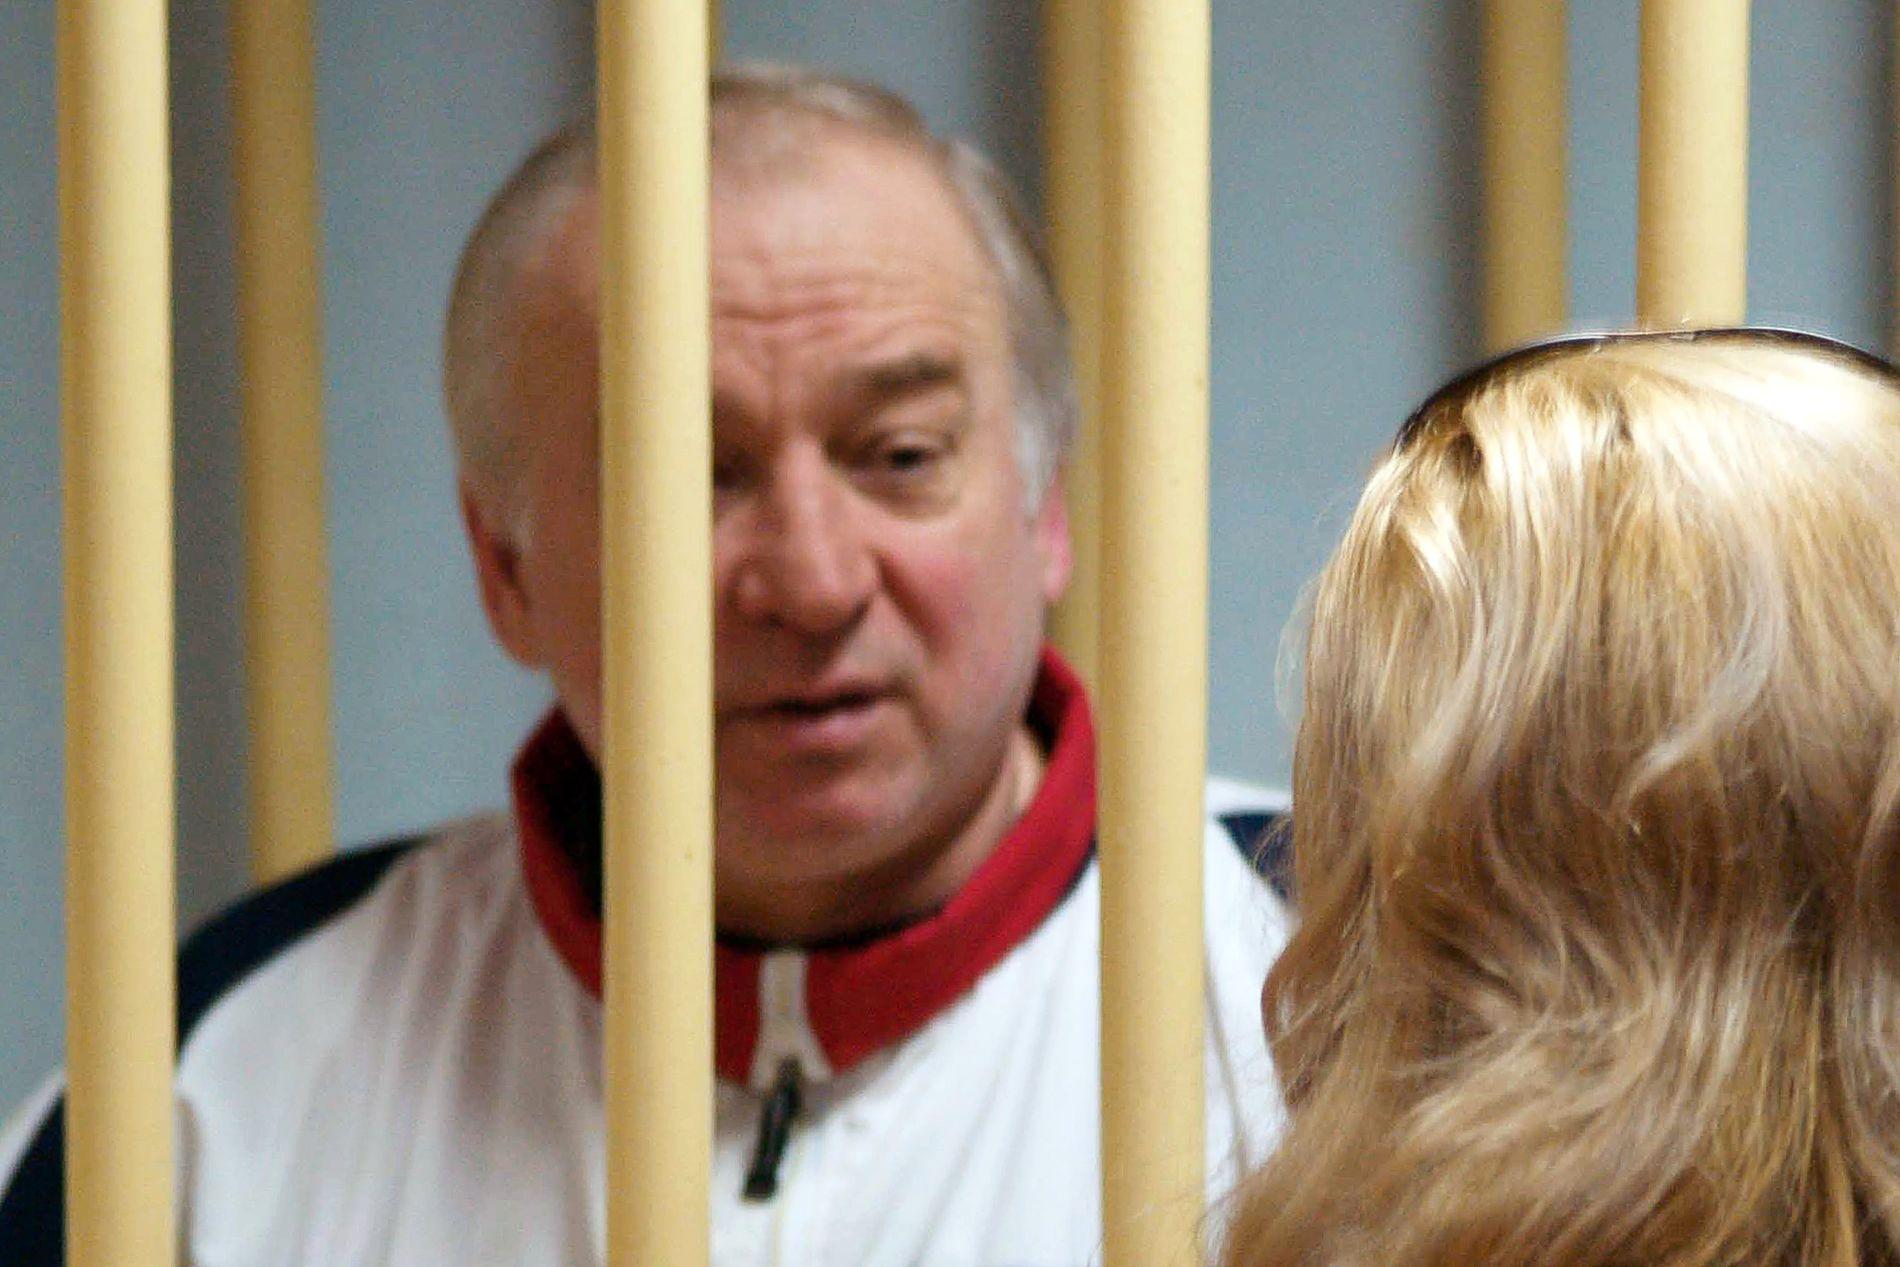 FORSØKT DREPT: Eksspionen Sergej Skripal og datteren ble funnet bevisstløs på en benk i Salisbury i mars. Britisk politi slo tidlig fast at den tidligere spionen og hans datter var utsatt for et attentat der det ble benyttet nervegift.